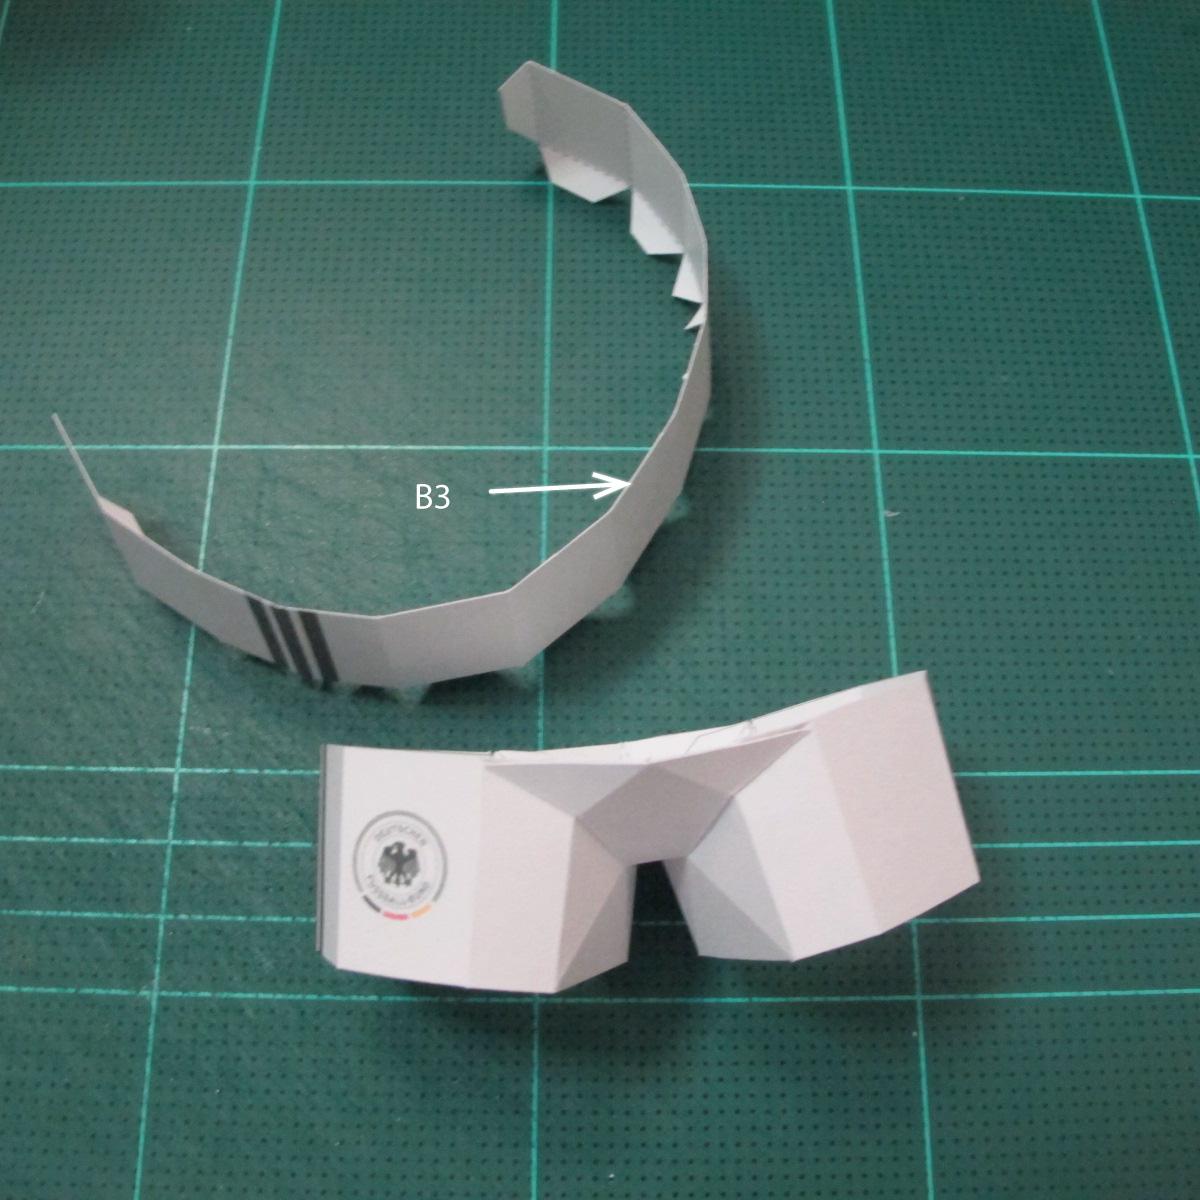 วิธีทำชุดนักบอลฟุตบอลโลก 2014 ทีมเยอร์มันสำหรับโมเดลหมีบราวน์ (FIFA World Cup  Soccer  Germany  Jersey Papercraft Model) 012